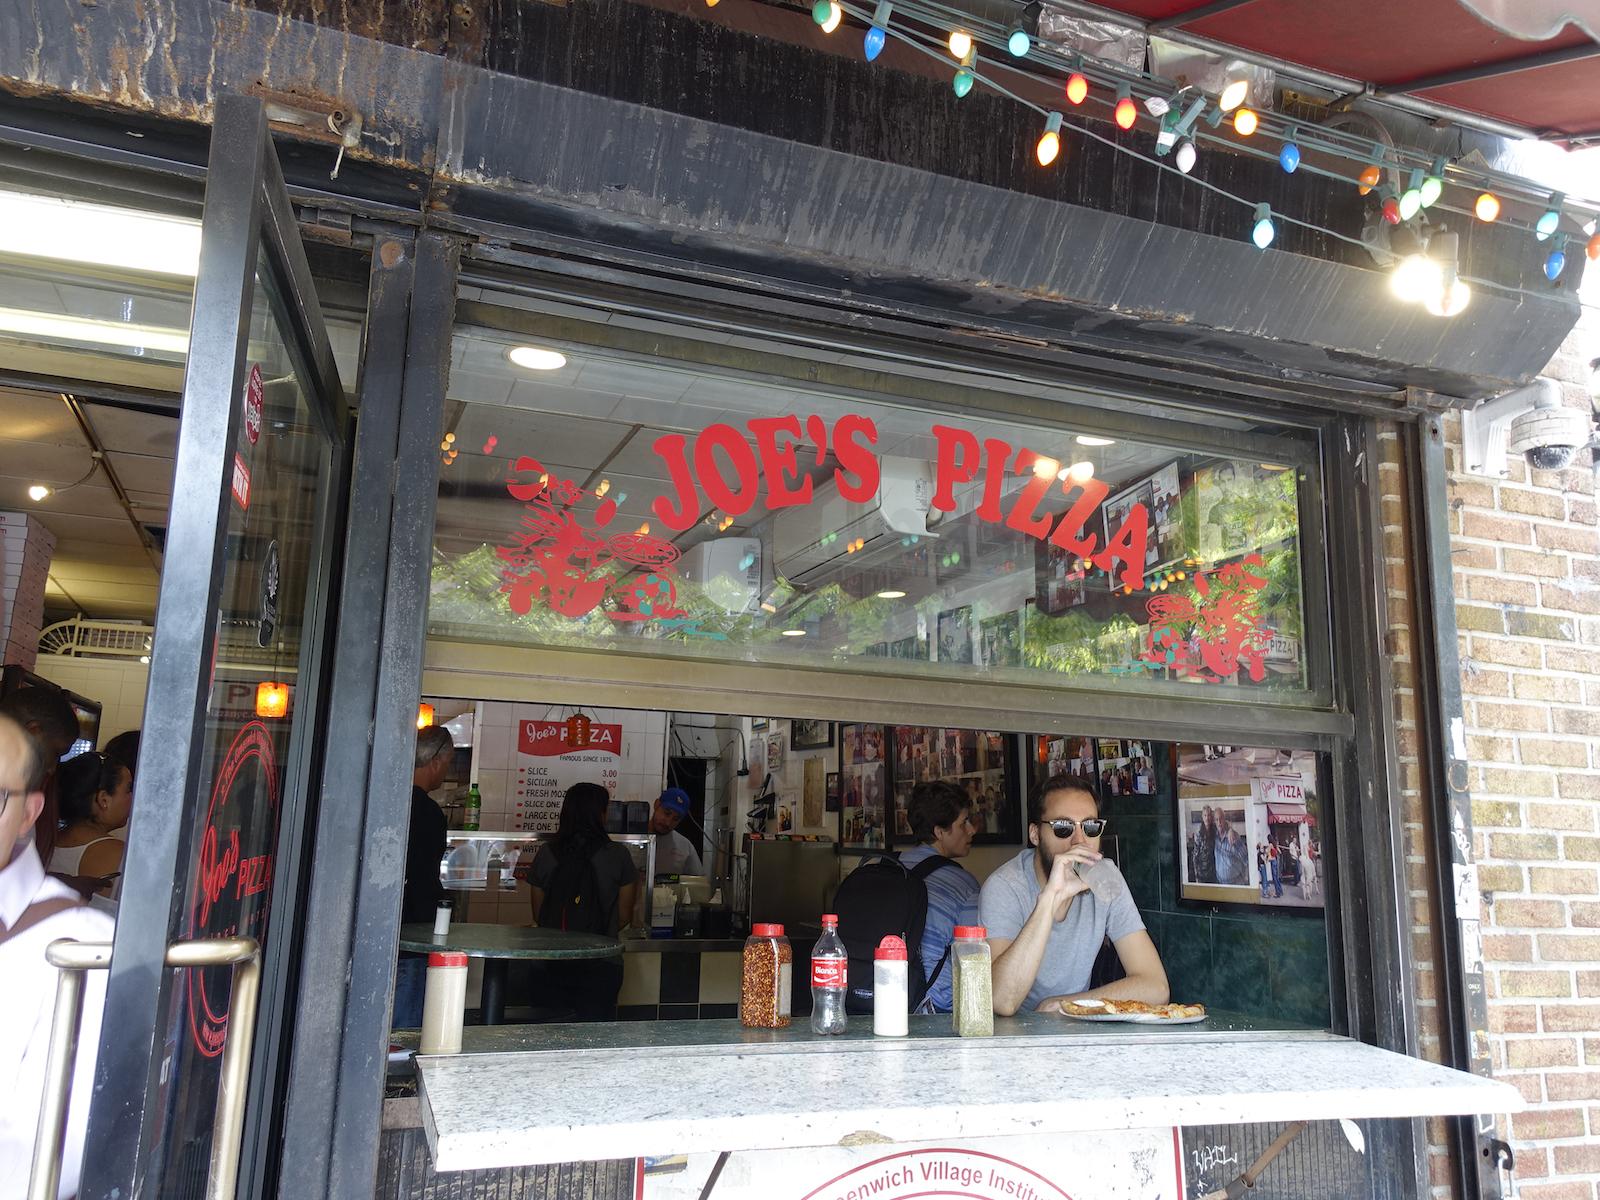 JOE'S PIZZA_NYC_1